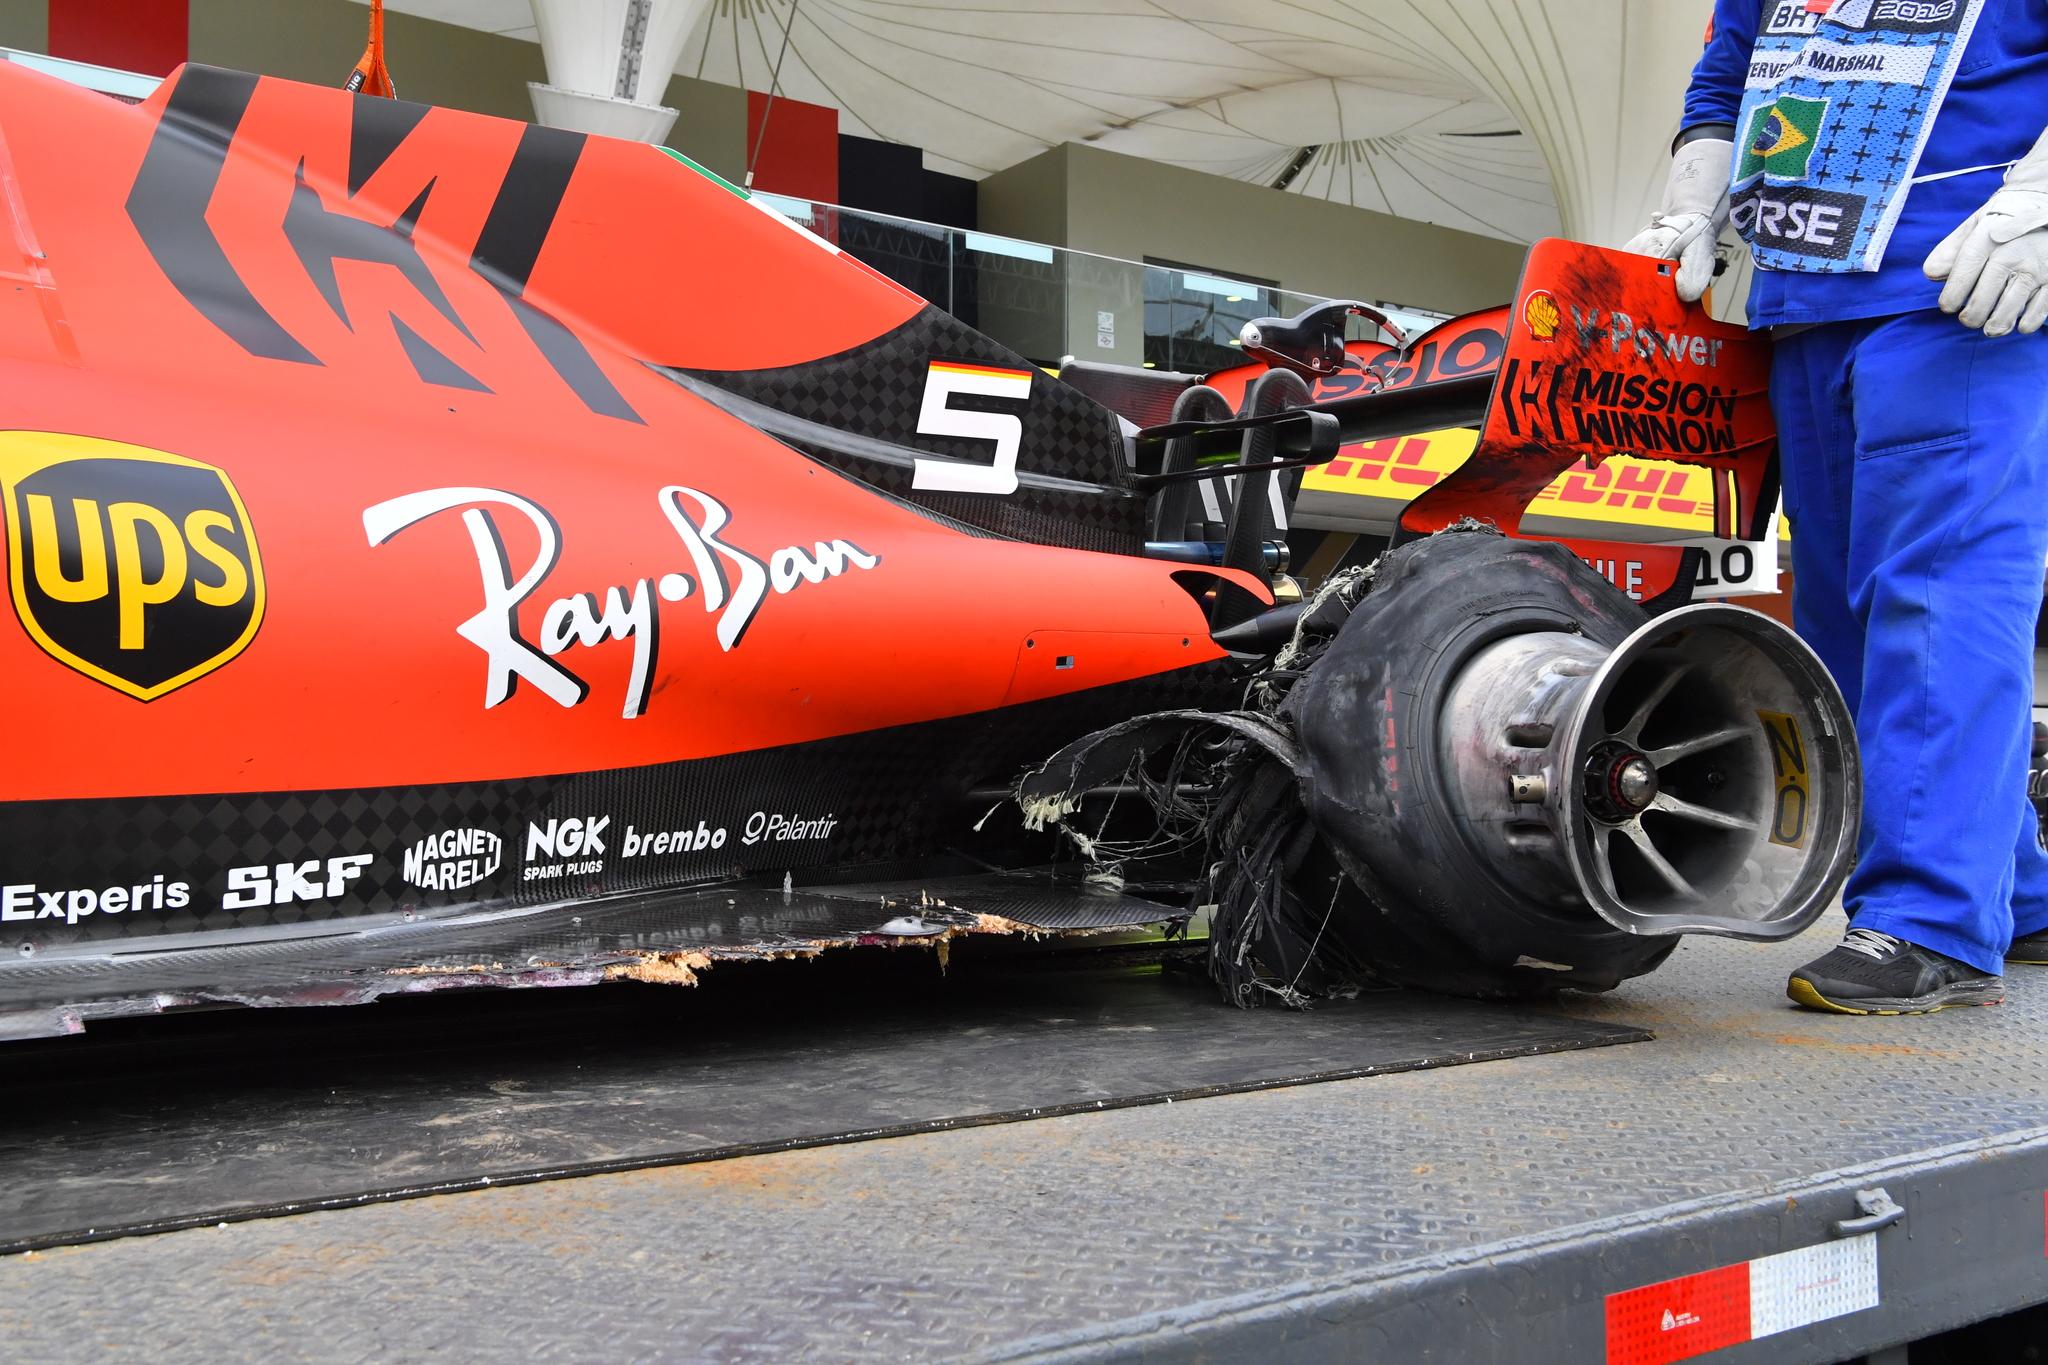 """Una reunión pendiente en Ferrari: """"La libertad para luchar no significa cometer acciones estúpidas"""""""